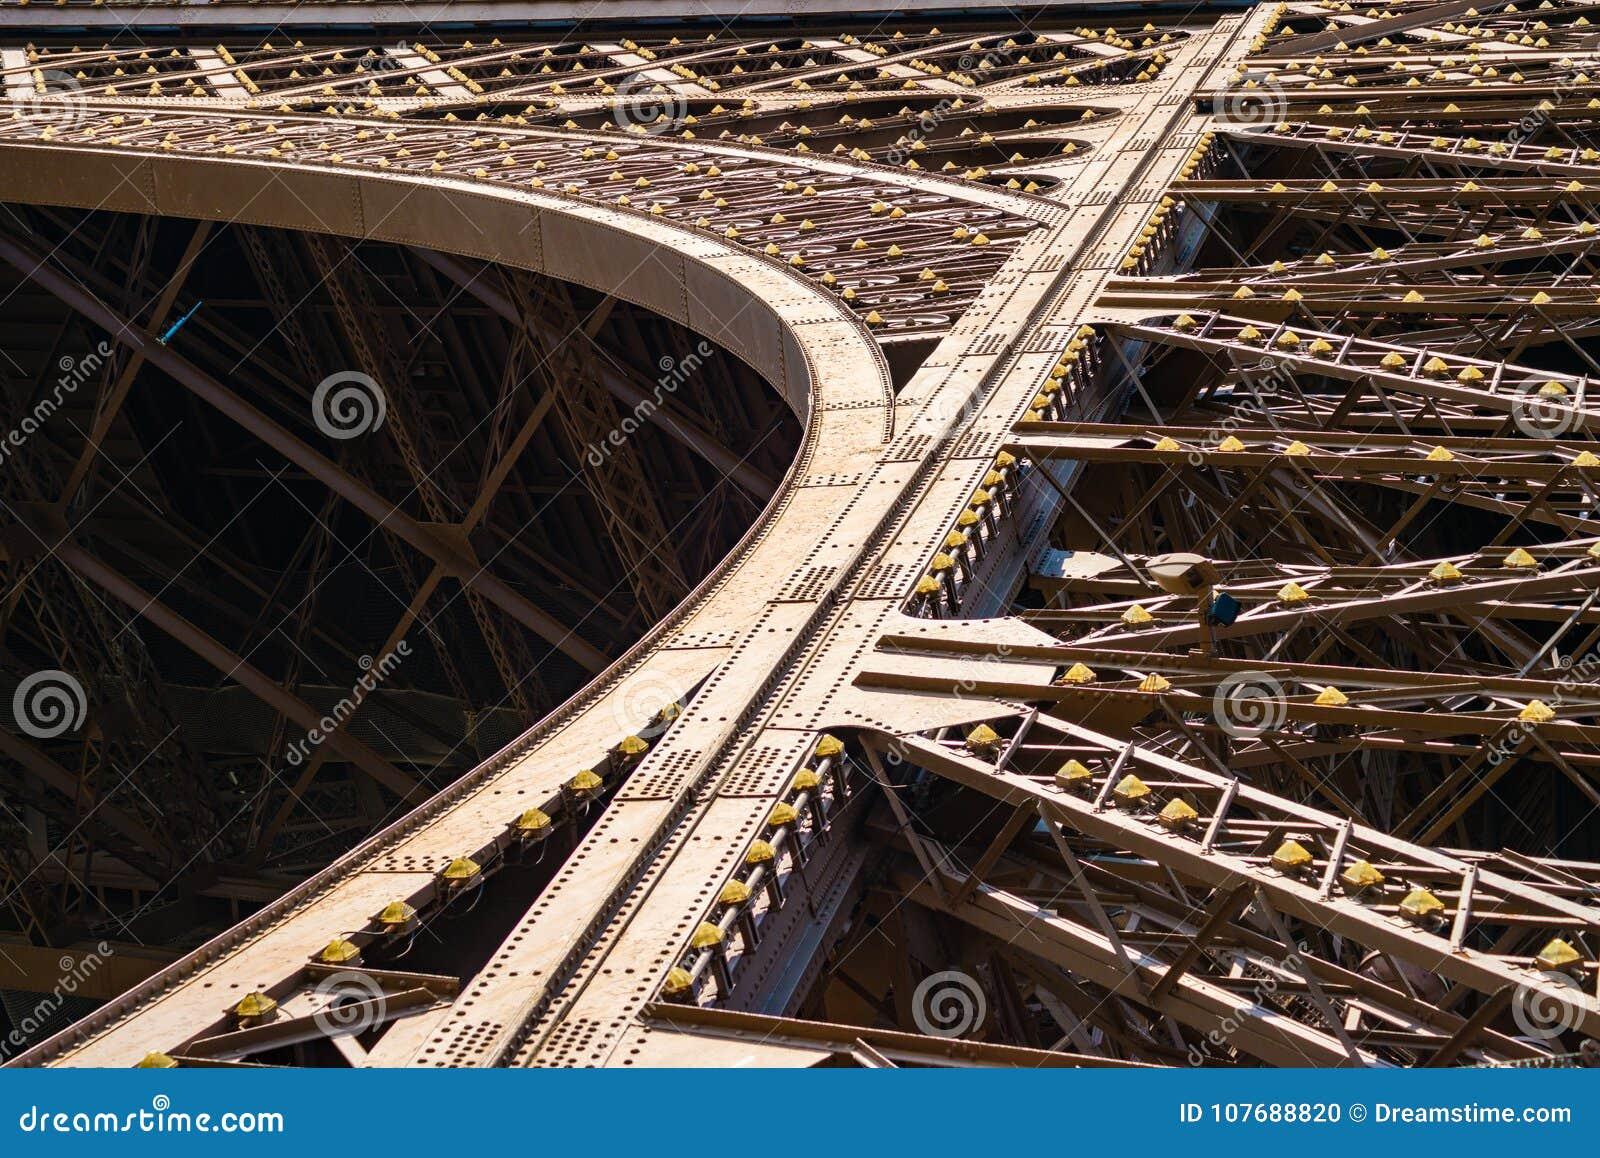 Λεπτομέρεια δομών μετάλλων στον πύργο του Άιφελ